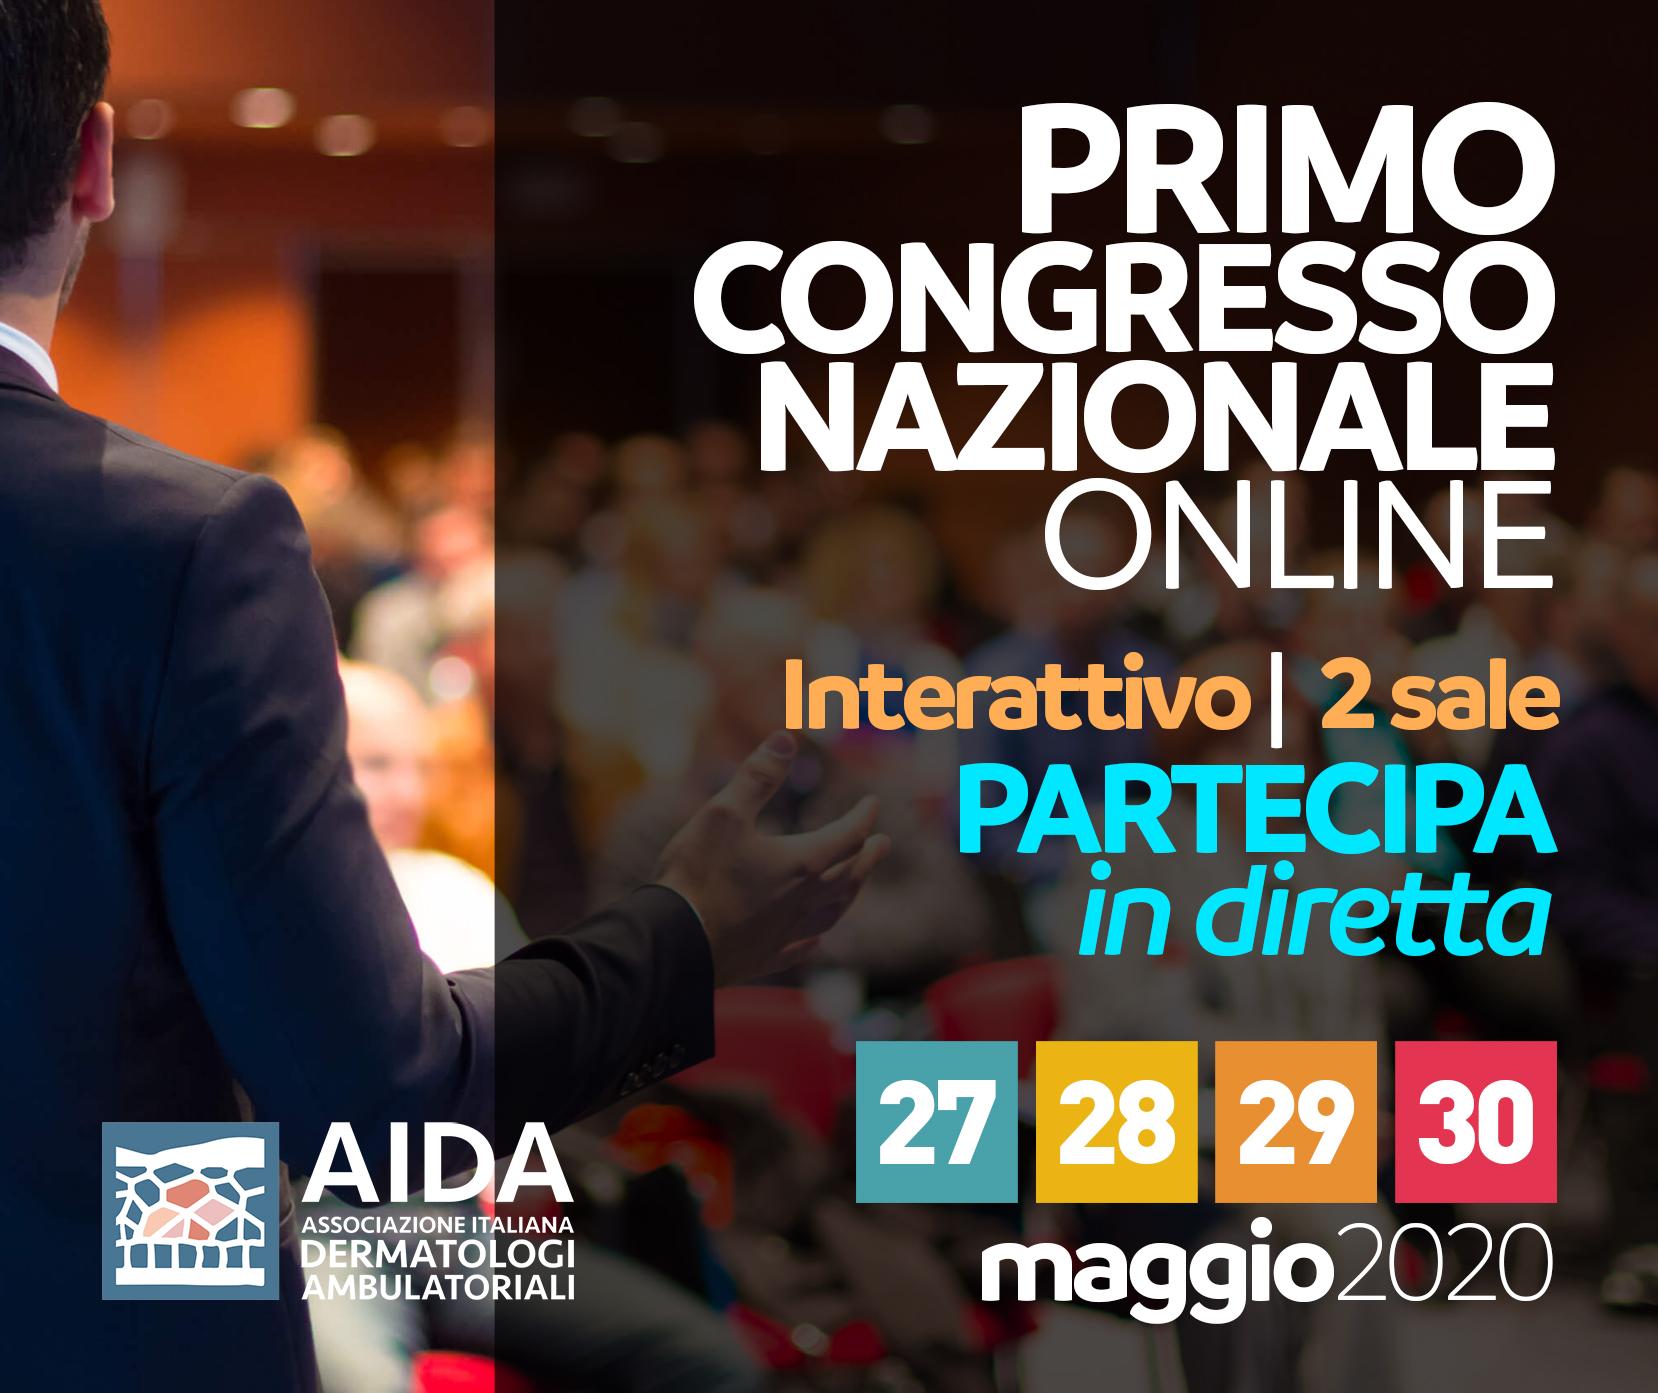 Congresso Nazionale Online AIDA